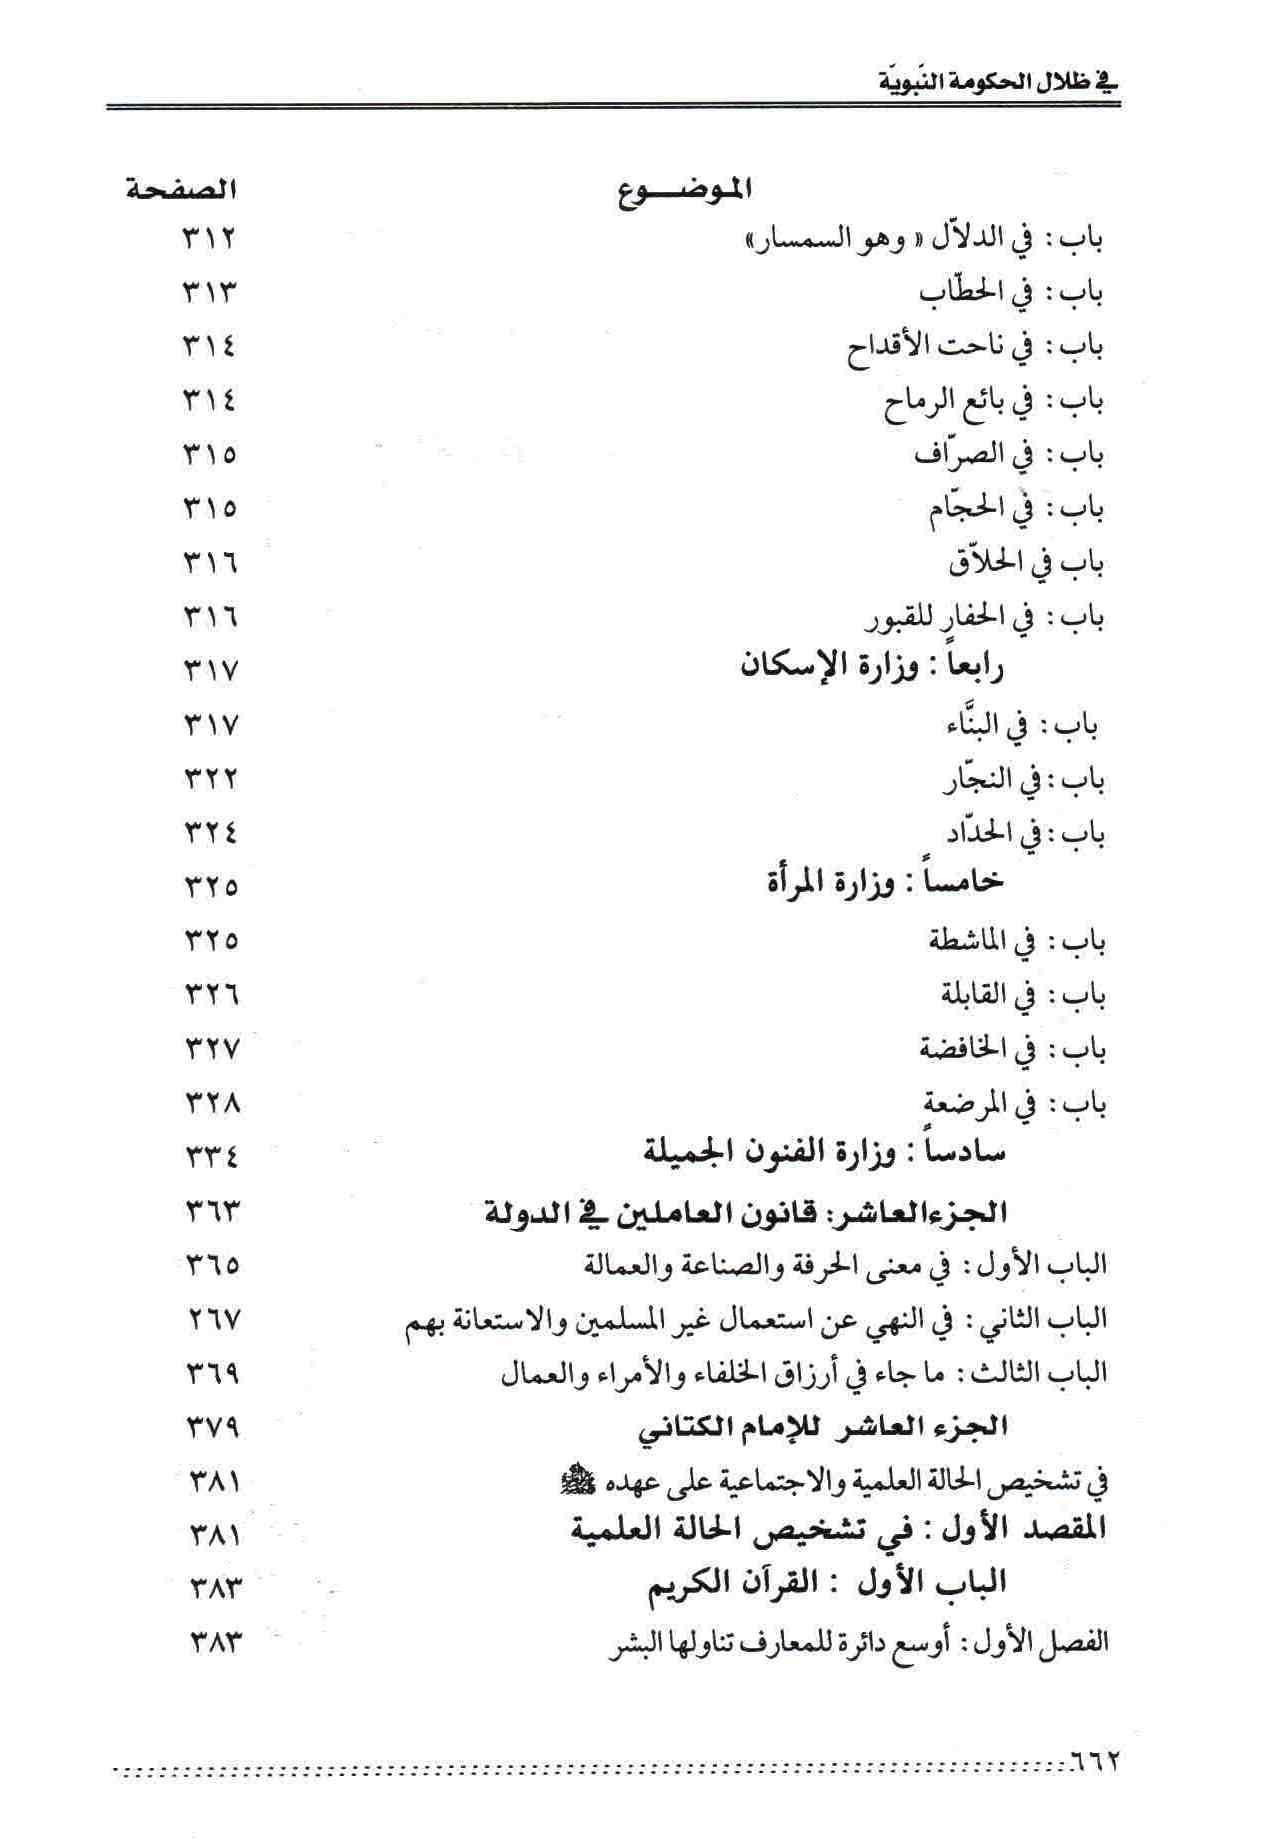 ص 62محتويات كتاب نظام الحكومة النبوية المسمي التراتيب الإدارية